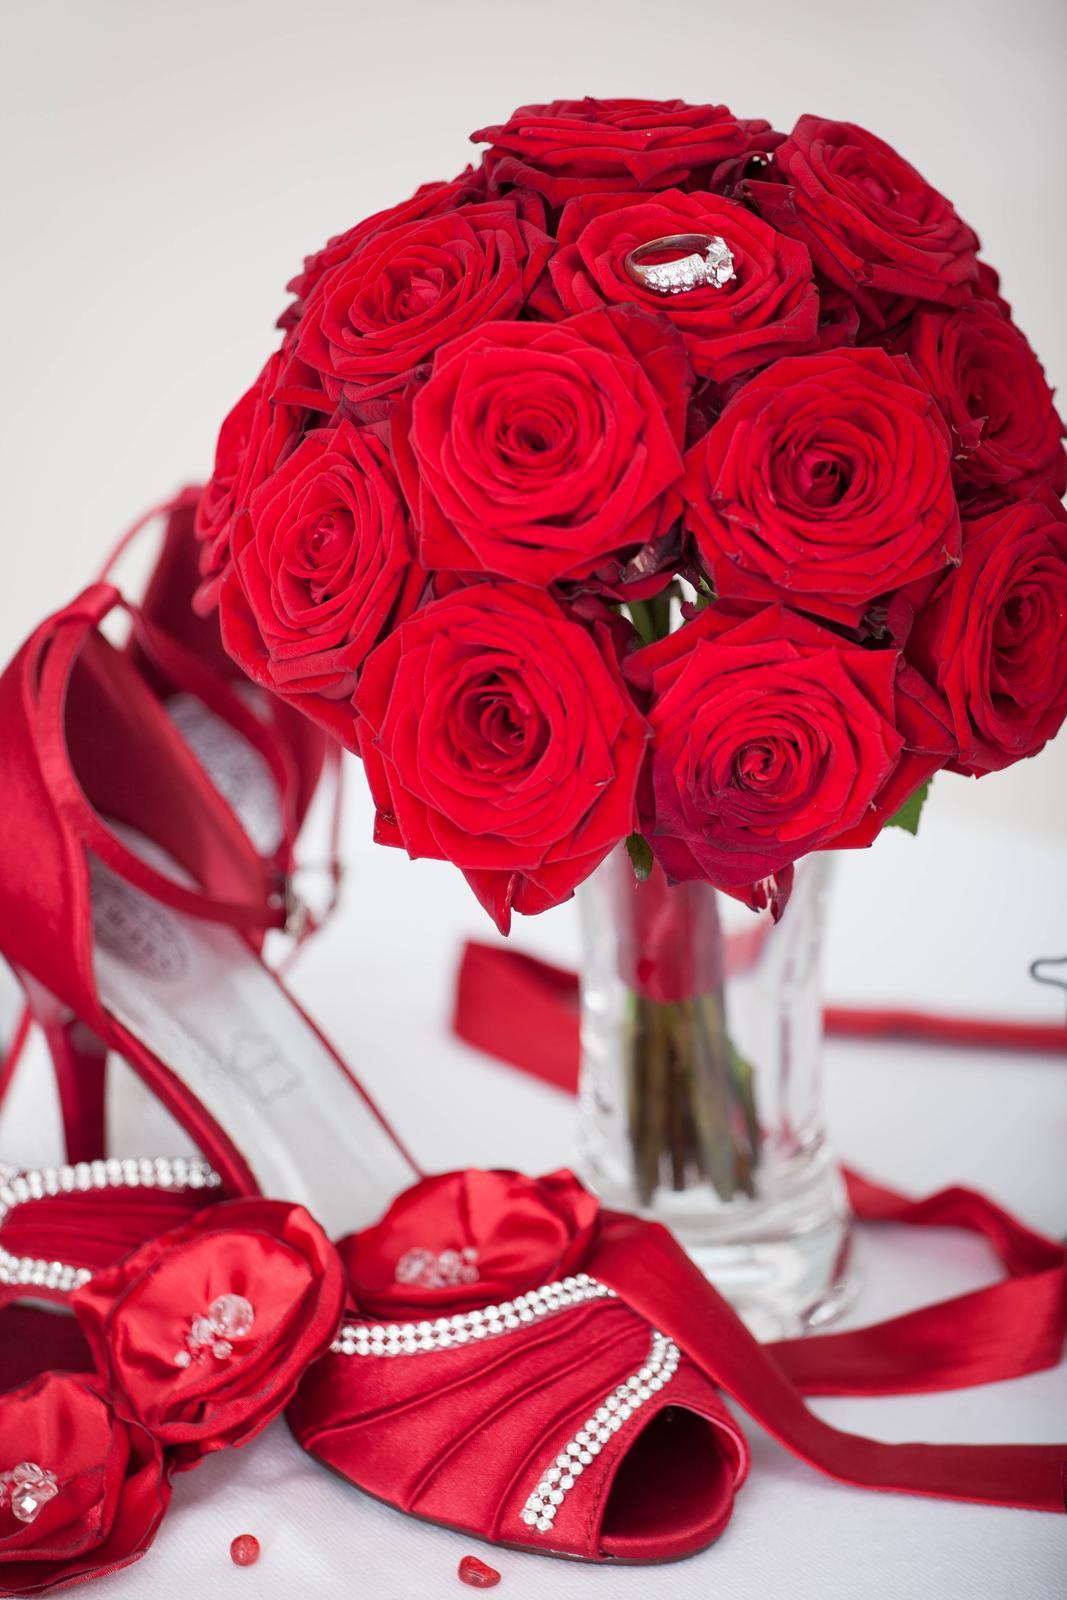 Kytice z rudých růží - Obrázek č. 1